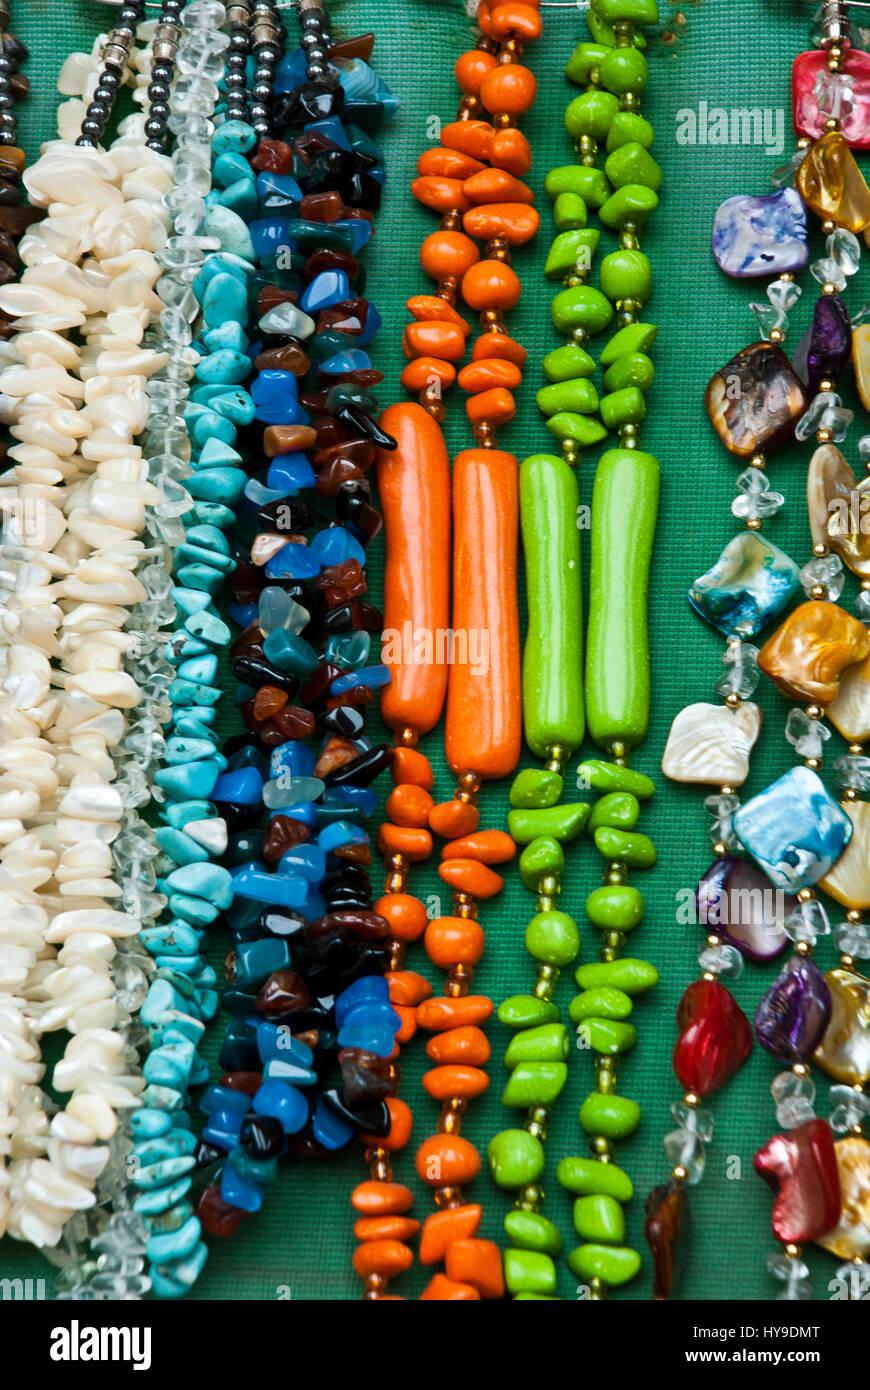 d06045085783 Mercadillo - Souvenirs - Moda - Accesorios - coloridos y diferentes piezas  de joyería  collares y pulseras - Pulseras tejidas - Pulsera Cadena